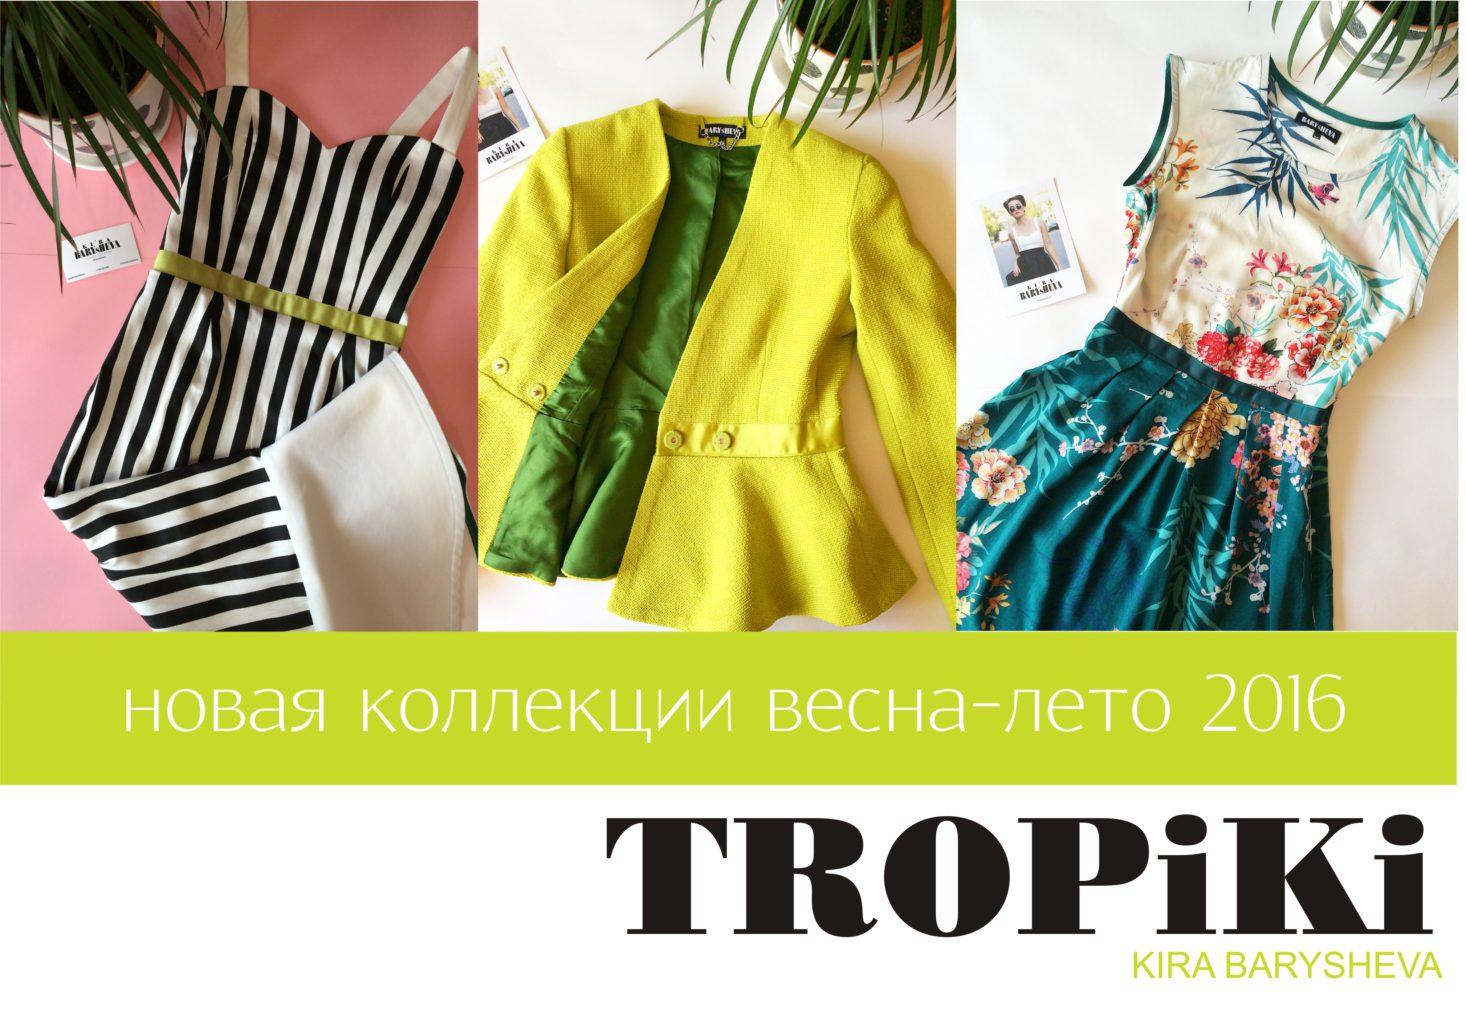 заст_блогrjg